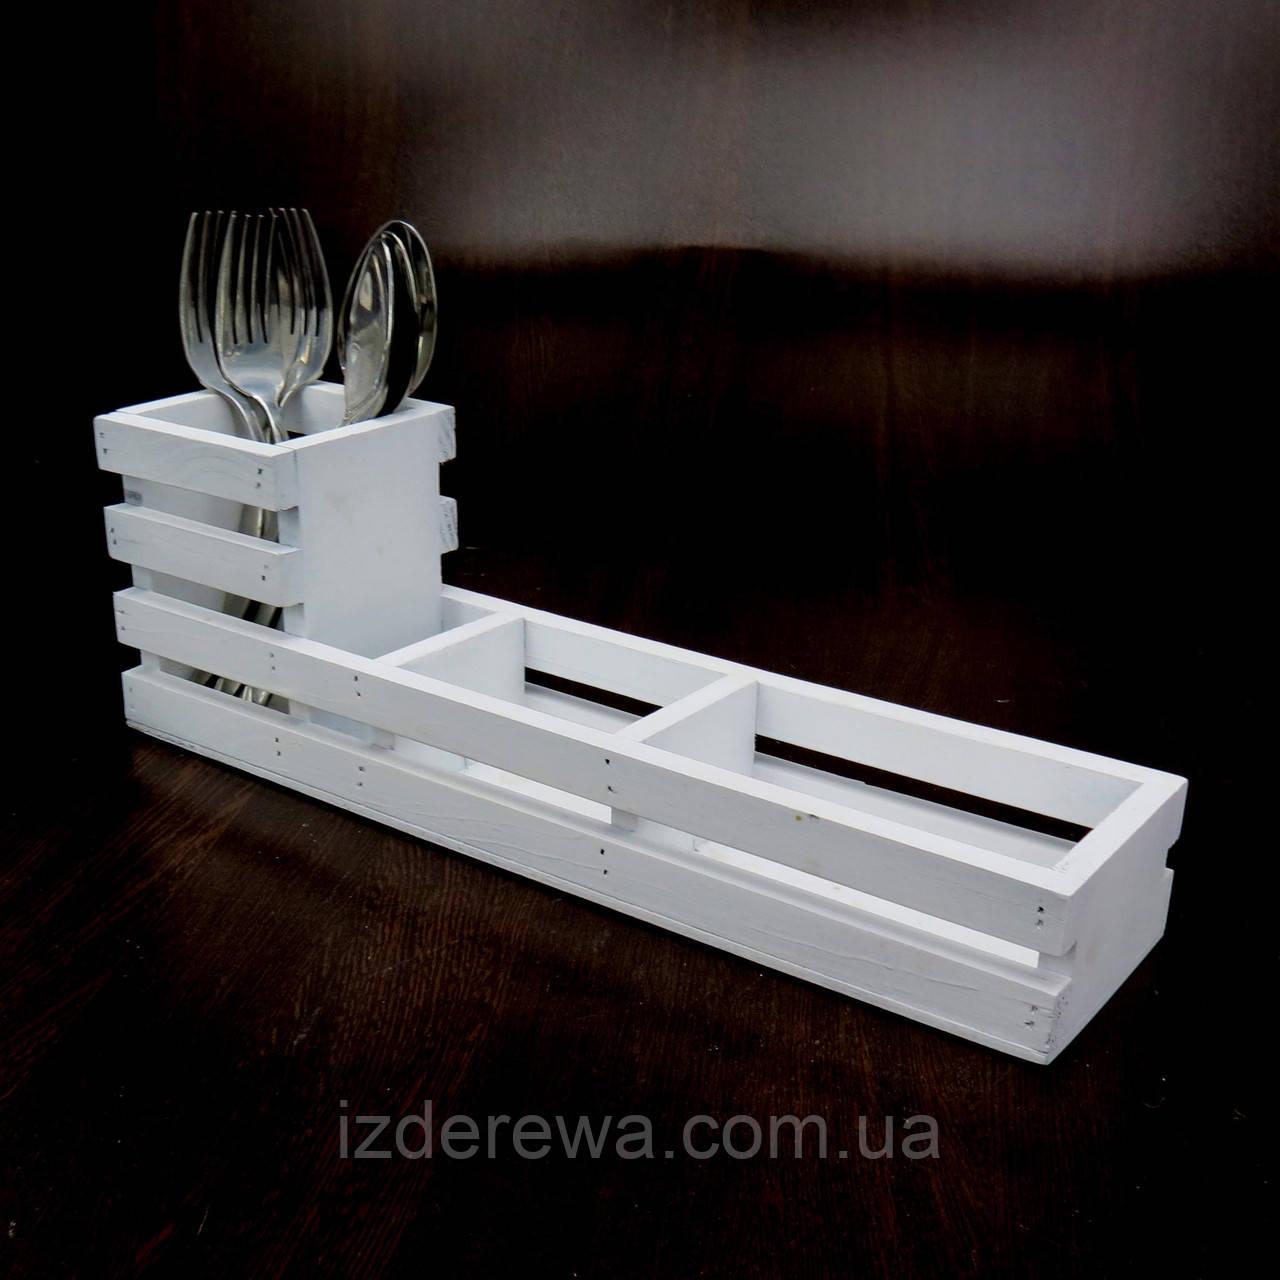 Подставка для столовых приборов Фарина зефир